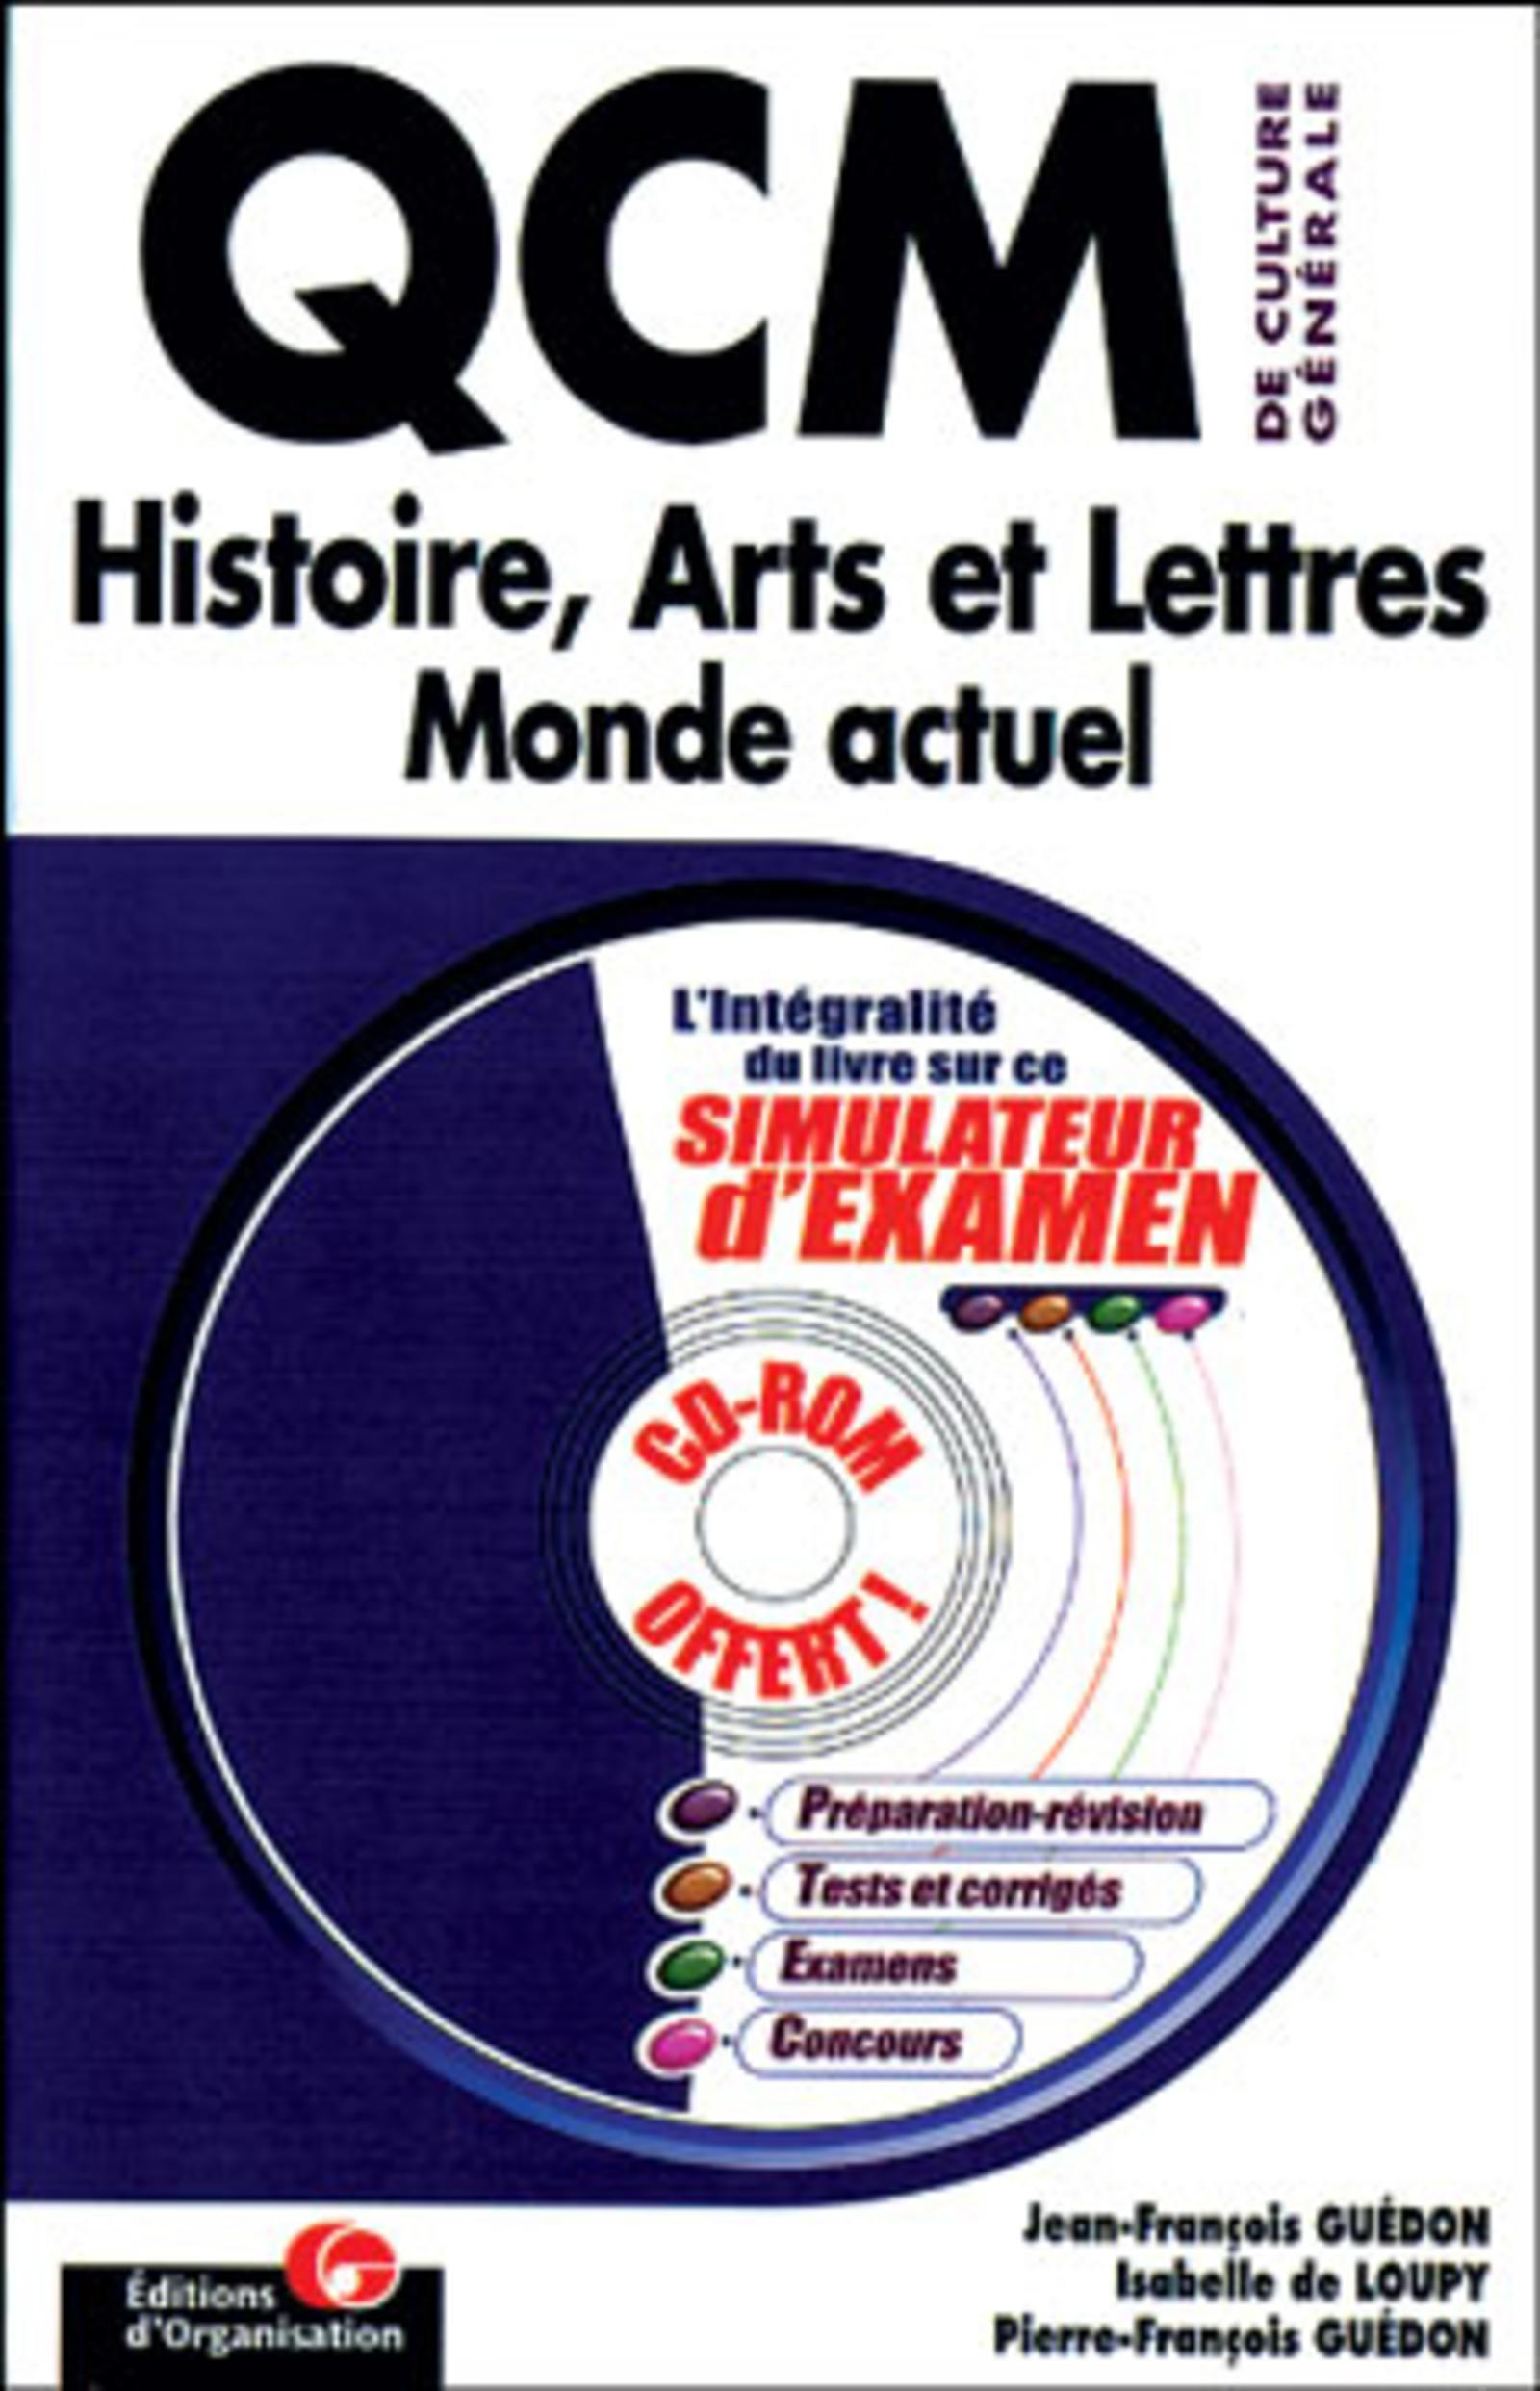 QCM DE CULTURE GENERALE HISTOIRE ARTS ETLETTRES MONDE ACTUEL - HISTOIRE, ARTS ET LETTRES, MONDE ACTU